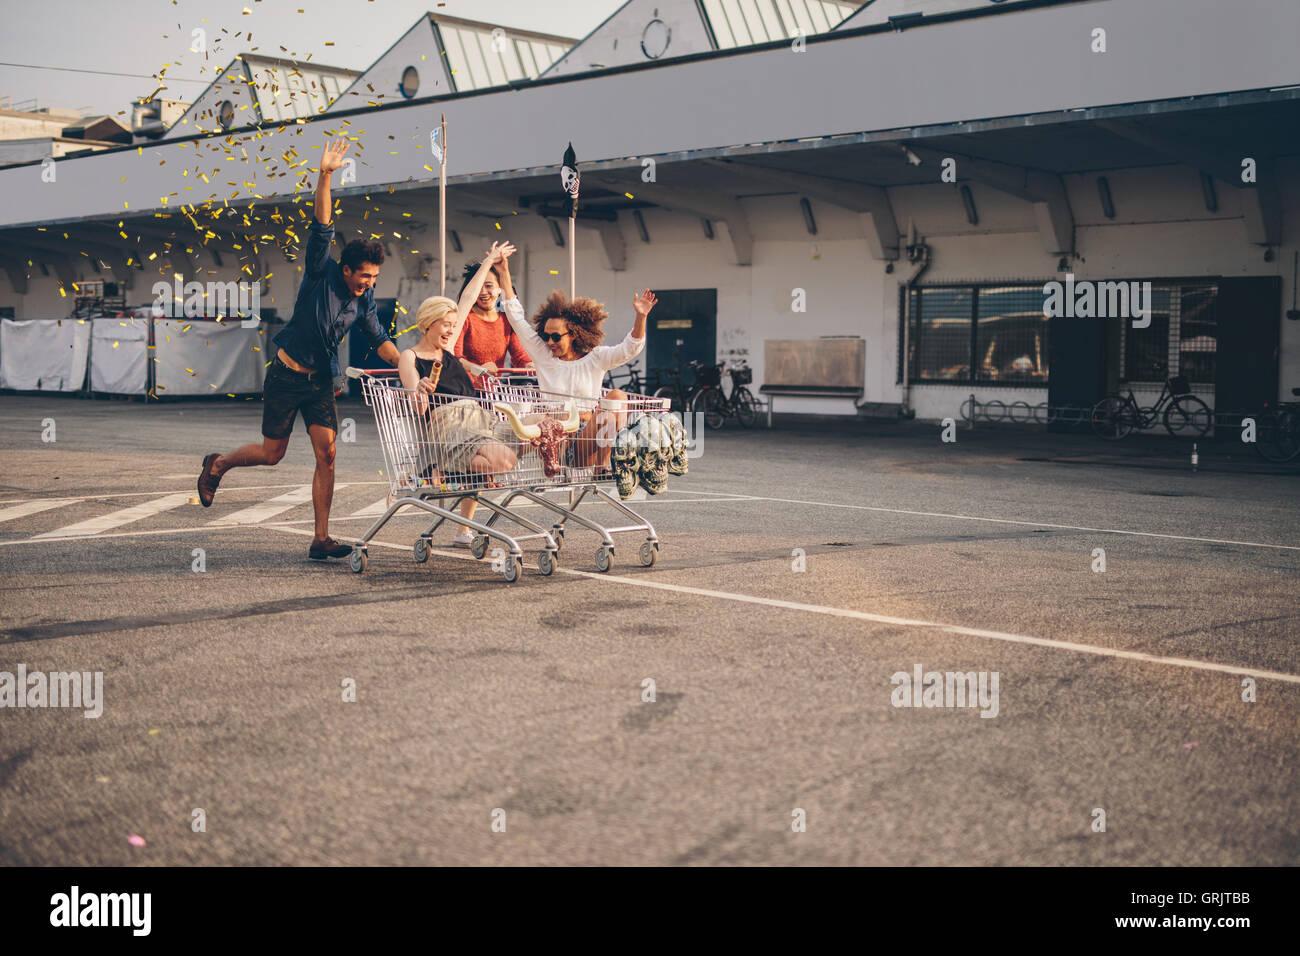 Junge Freunde, die Spaß am Einkaufswagen und Konfetti weht. Multiethnische Jugendlichen racing mit Einkaufswagen Stockfoto